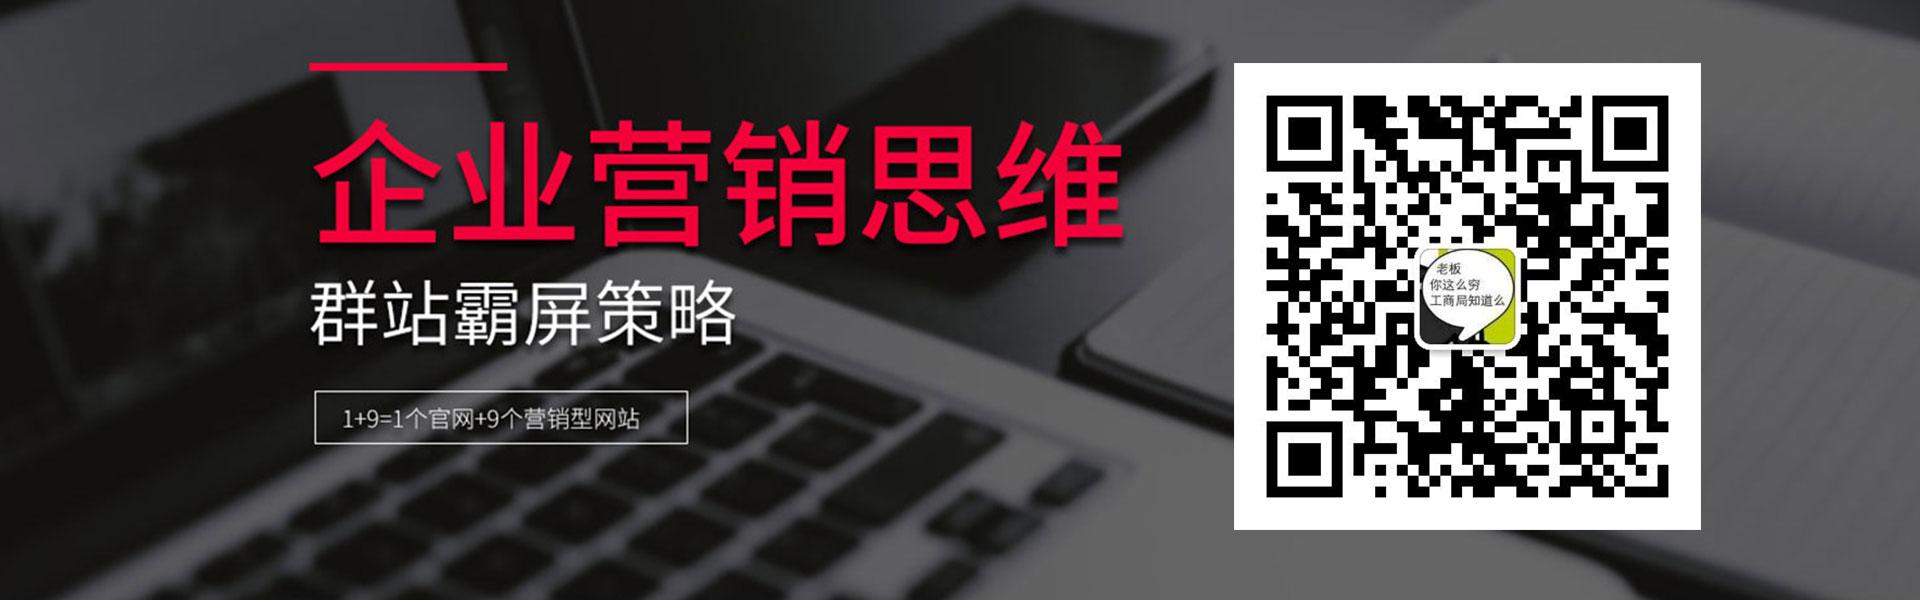 西安营销型网站建设推广